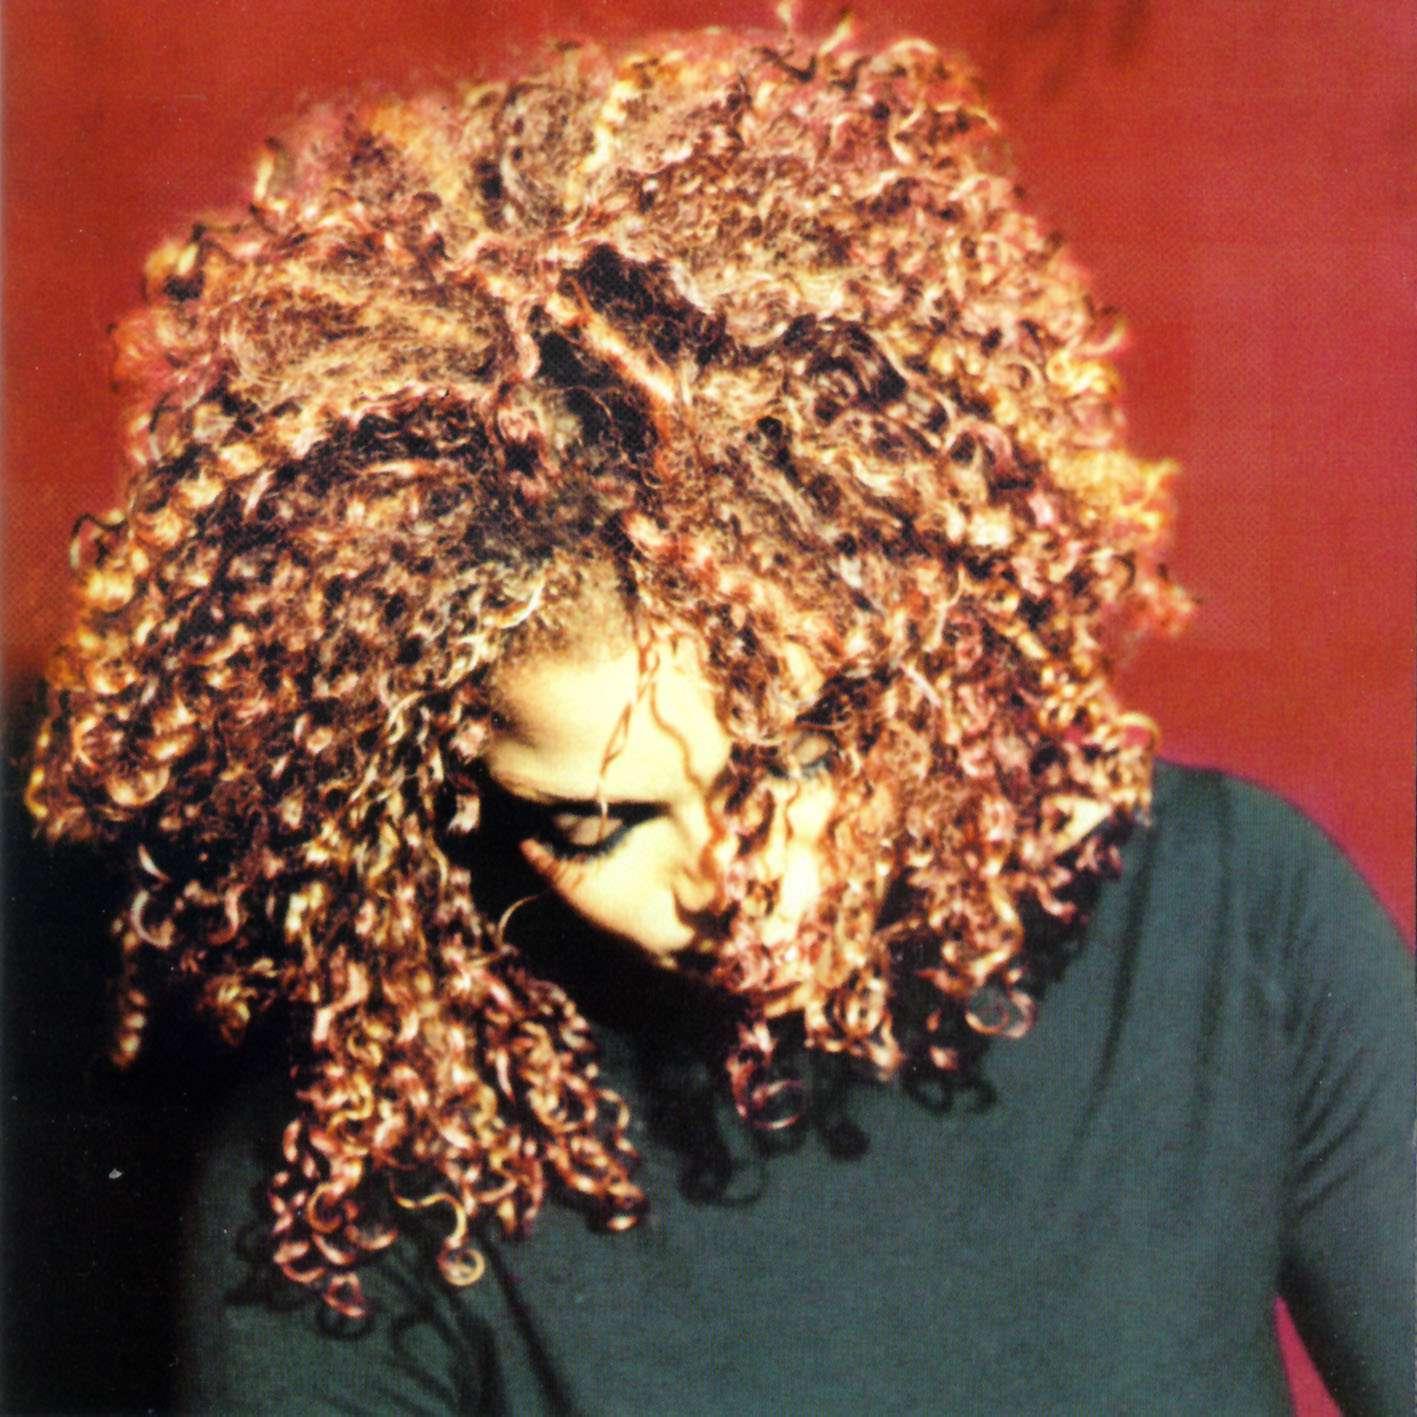 Janet Jackson - The Velvet Rope - 1997